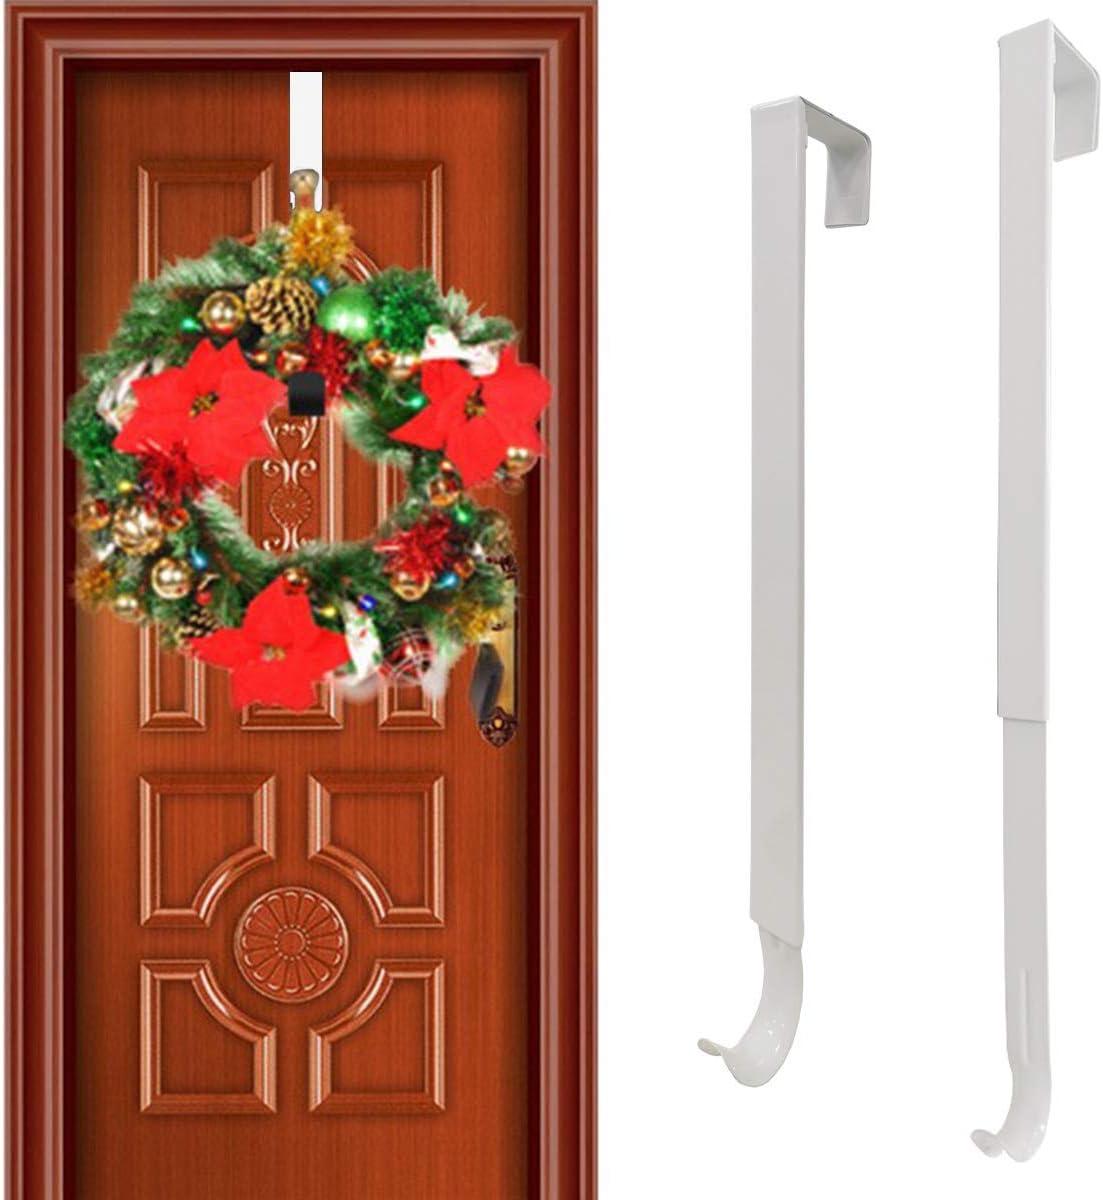 """Towels 2 Pack, White Bags Hats Metal Wreath Hook Holder Over The Door Hanger for New Year Christmas Decorations Heavy Duty Wreath Hanger for Front Door ACMETOP 15/"""" Wreath Door Hanger Clothes"""